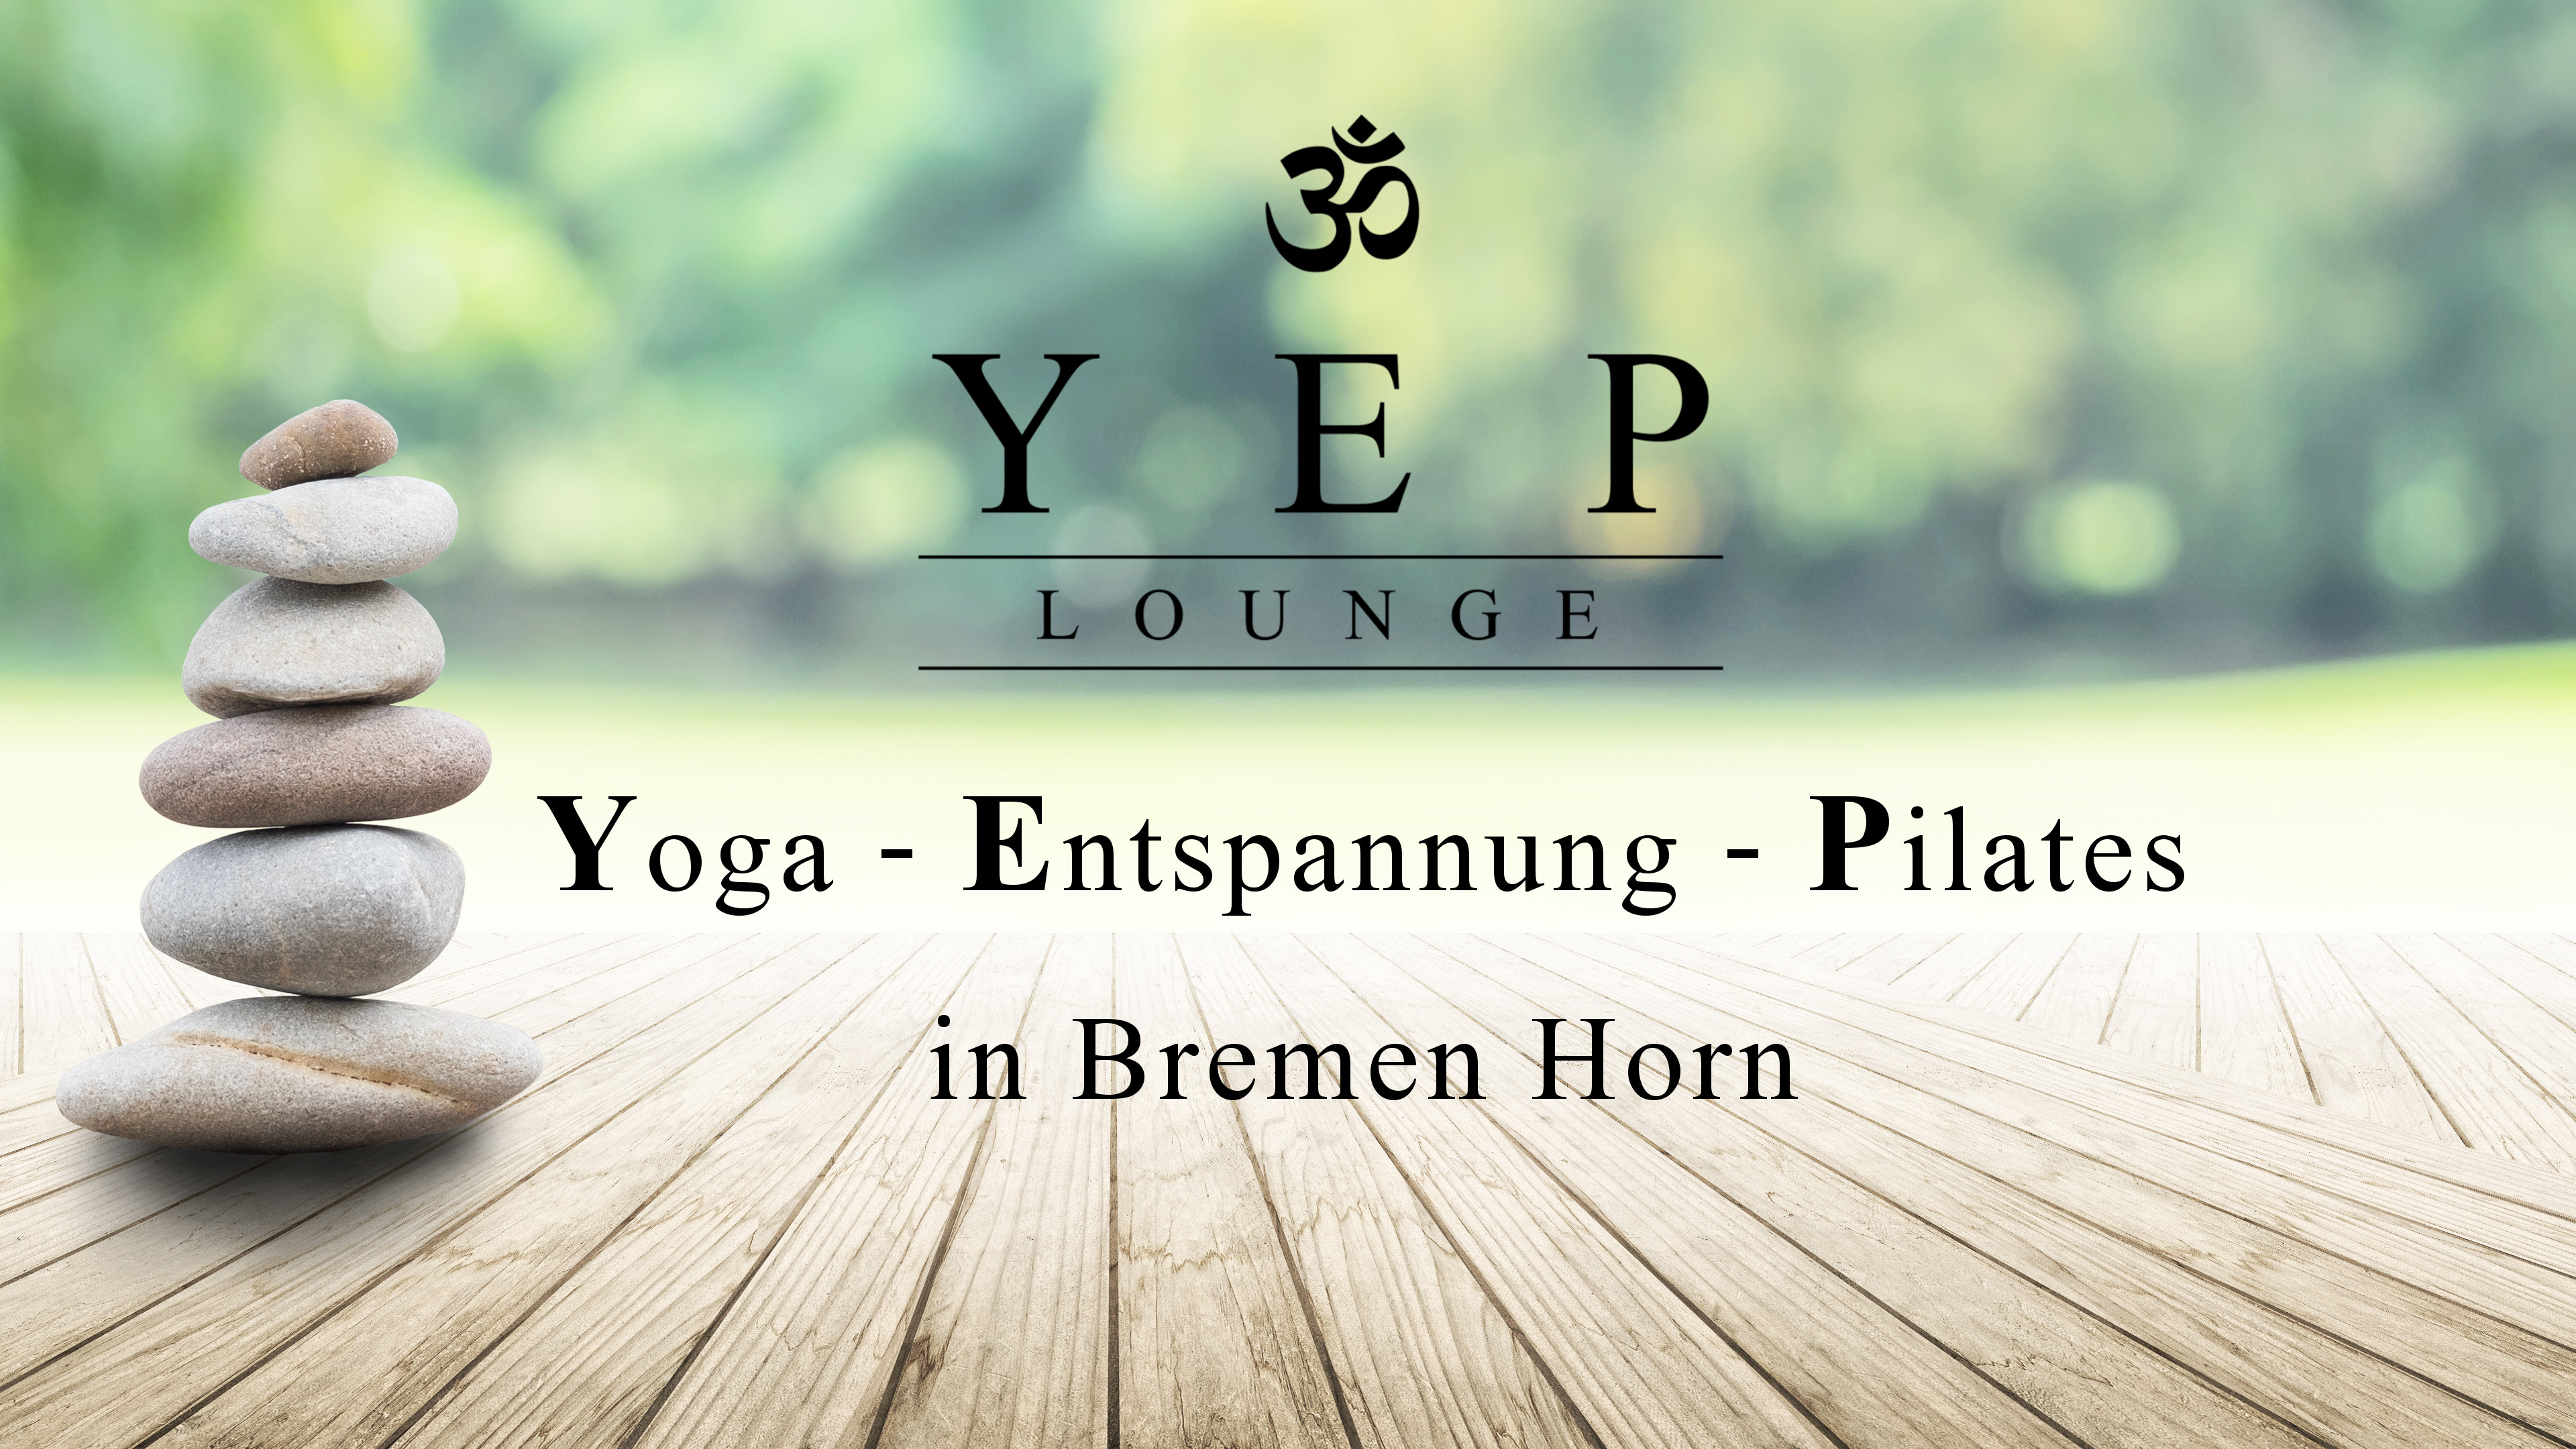 YEP Lounge